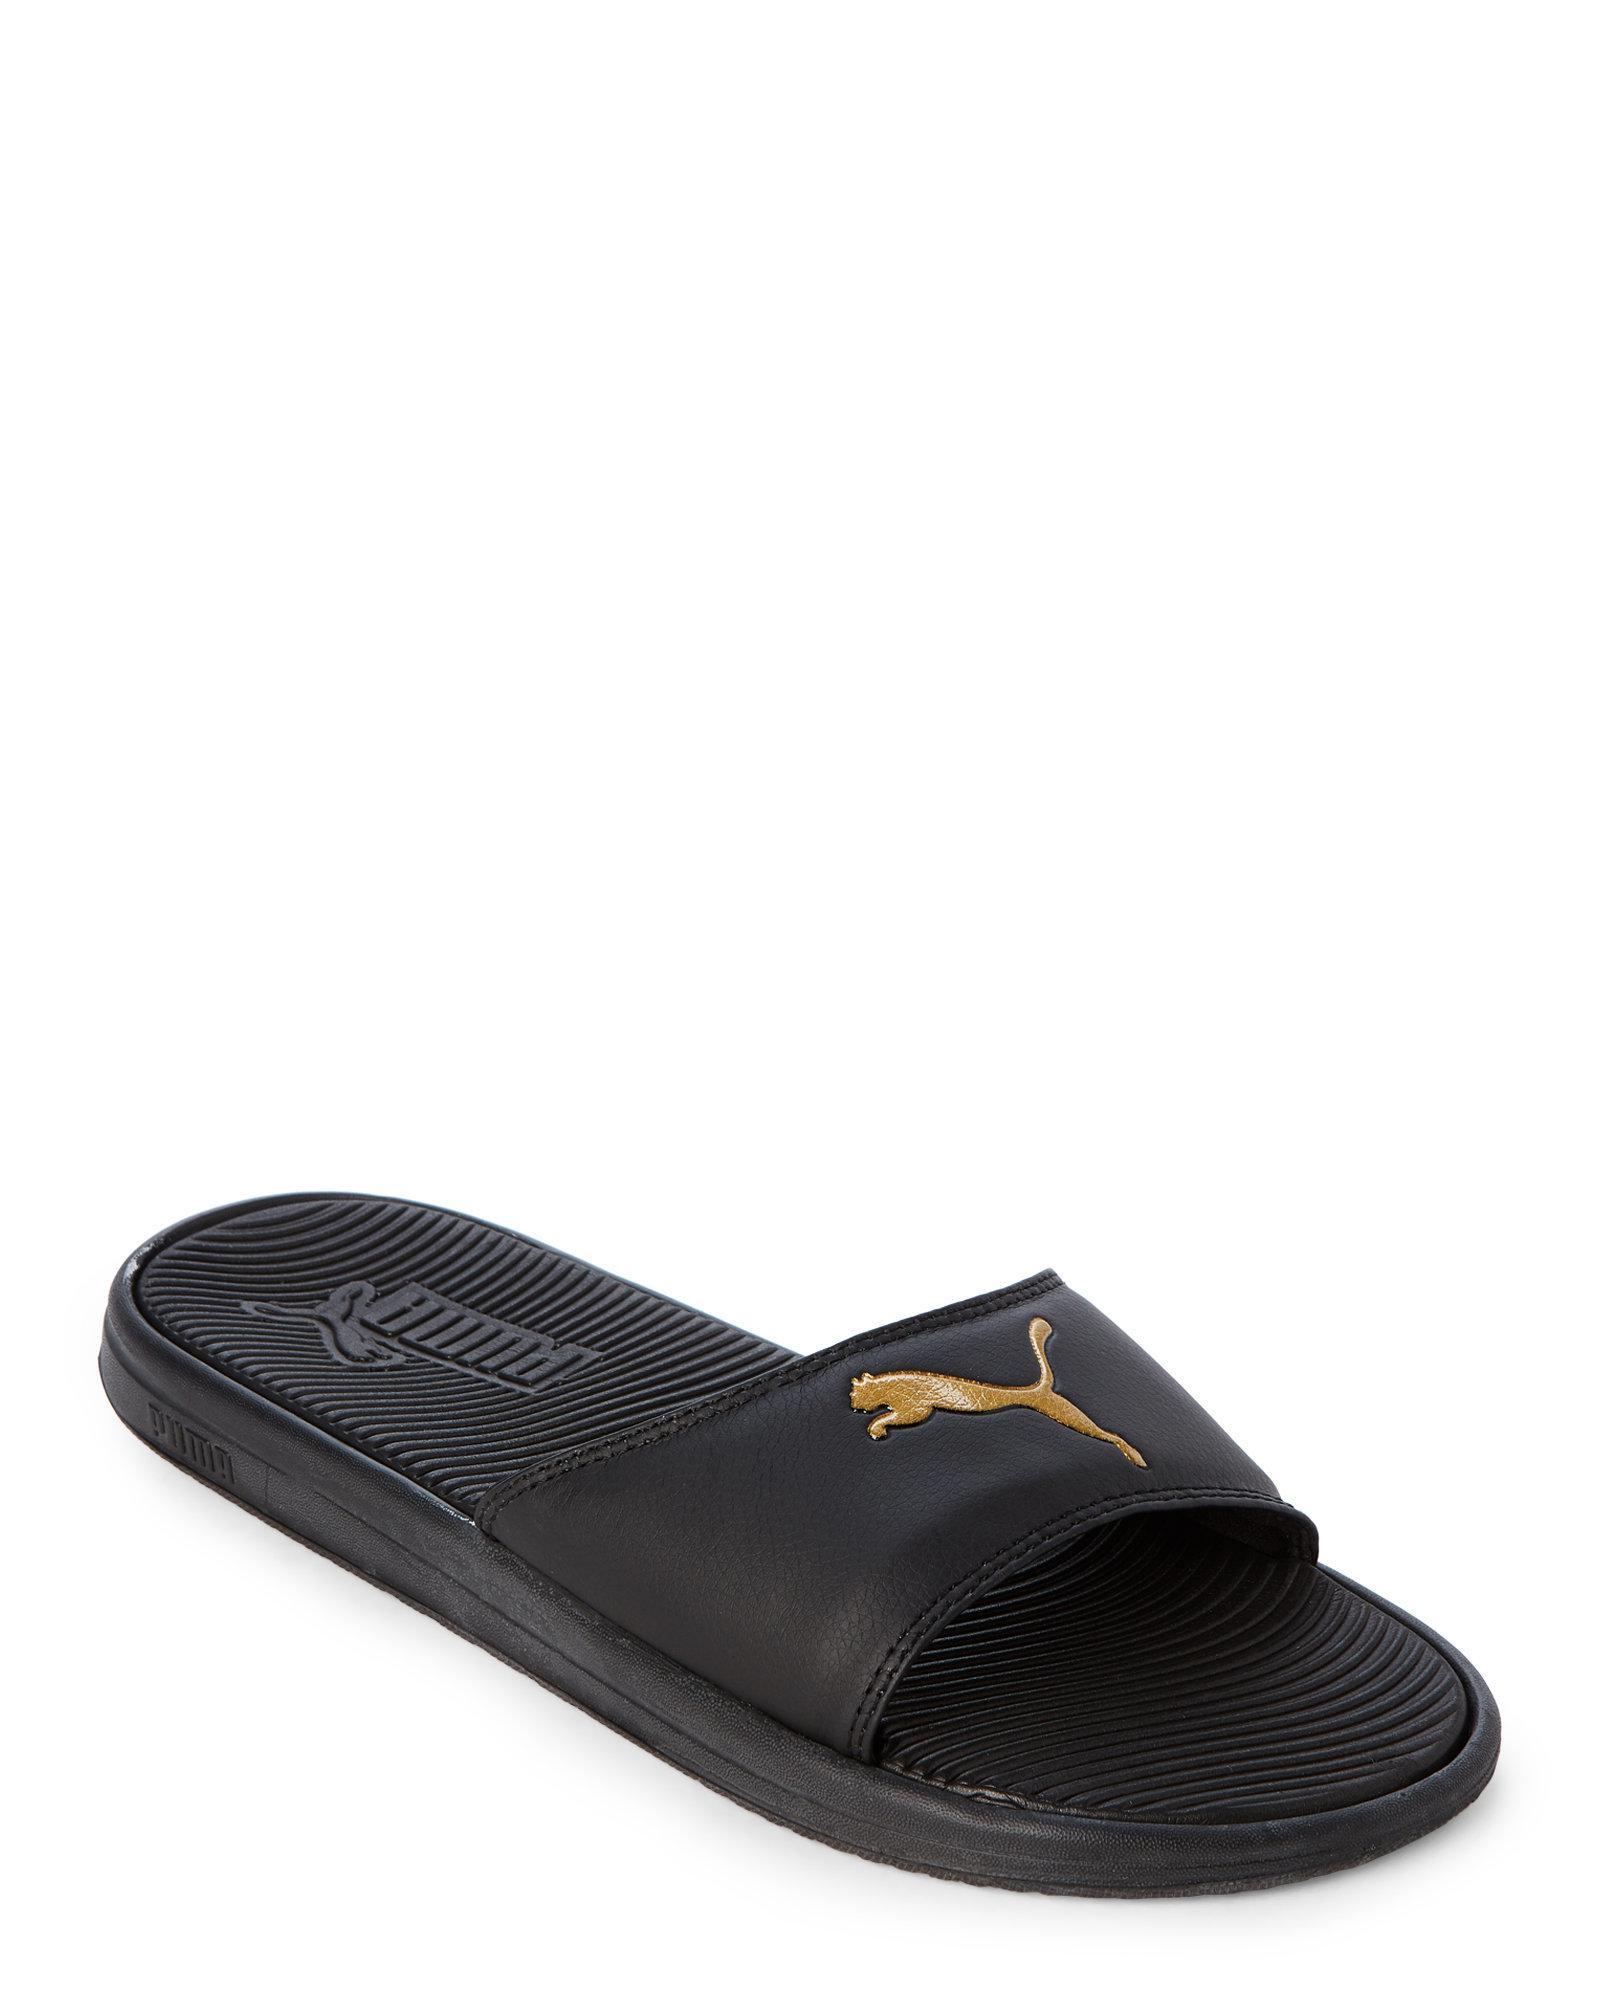 f40e41ddec7a ... cheap lyst puma black gold sport slides in black for men c8640 d92f9